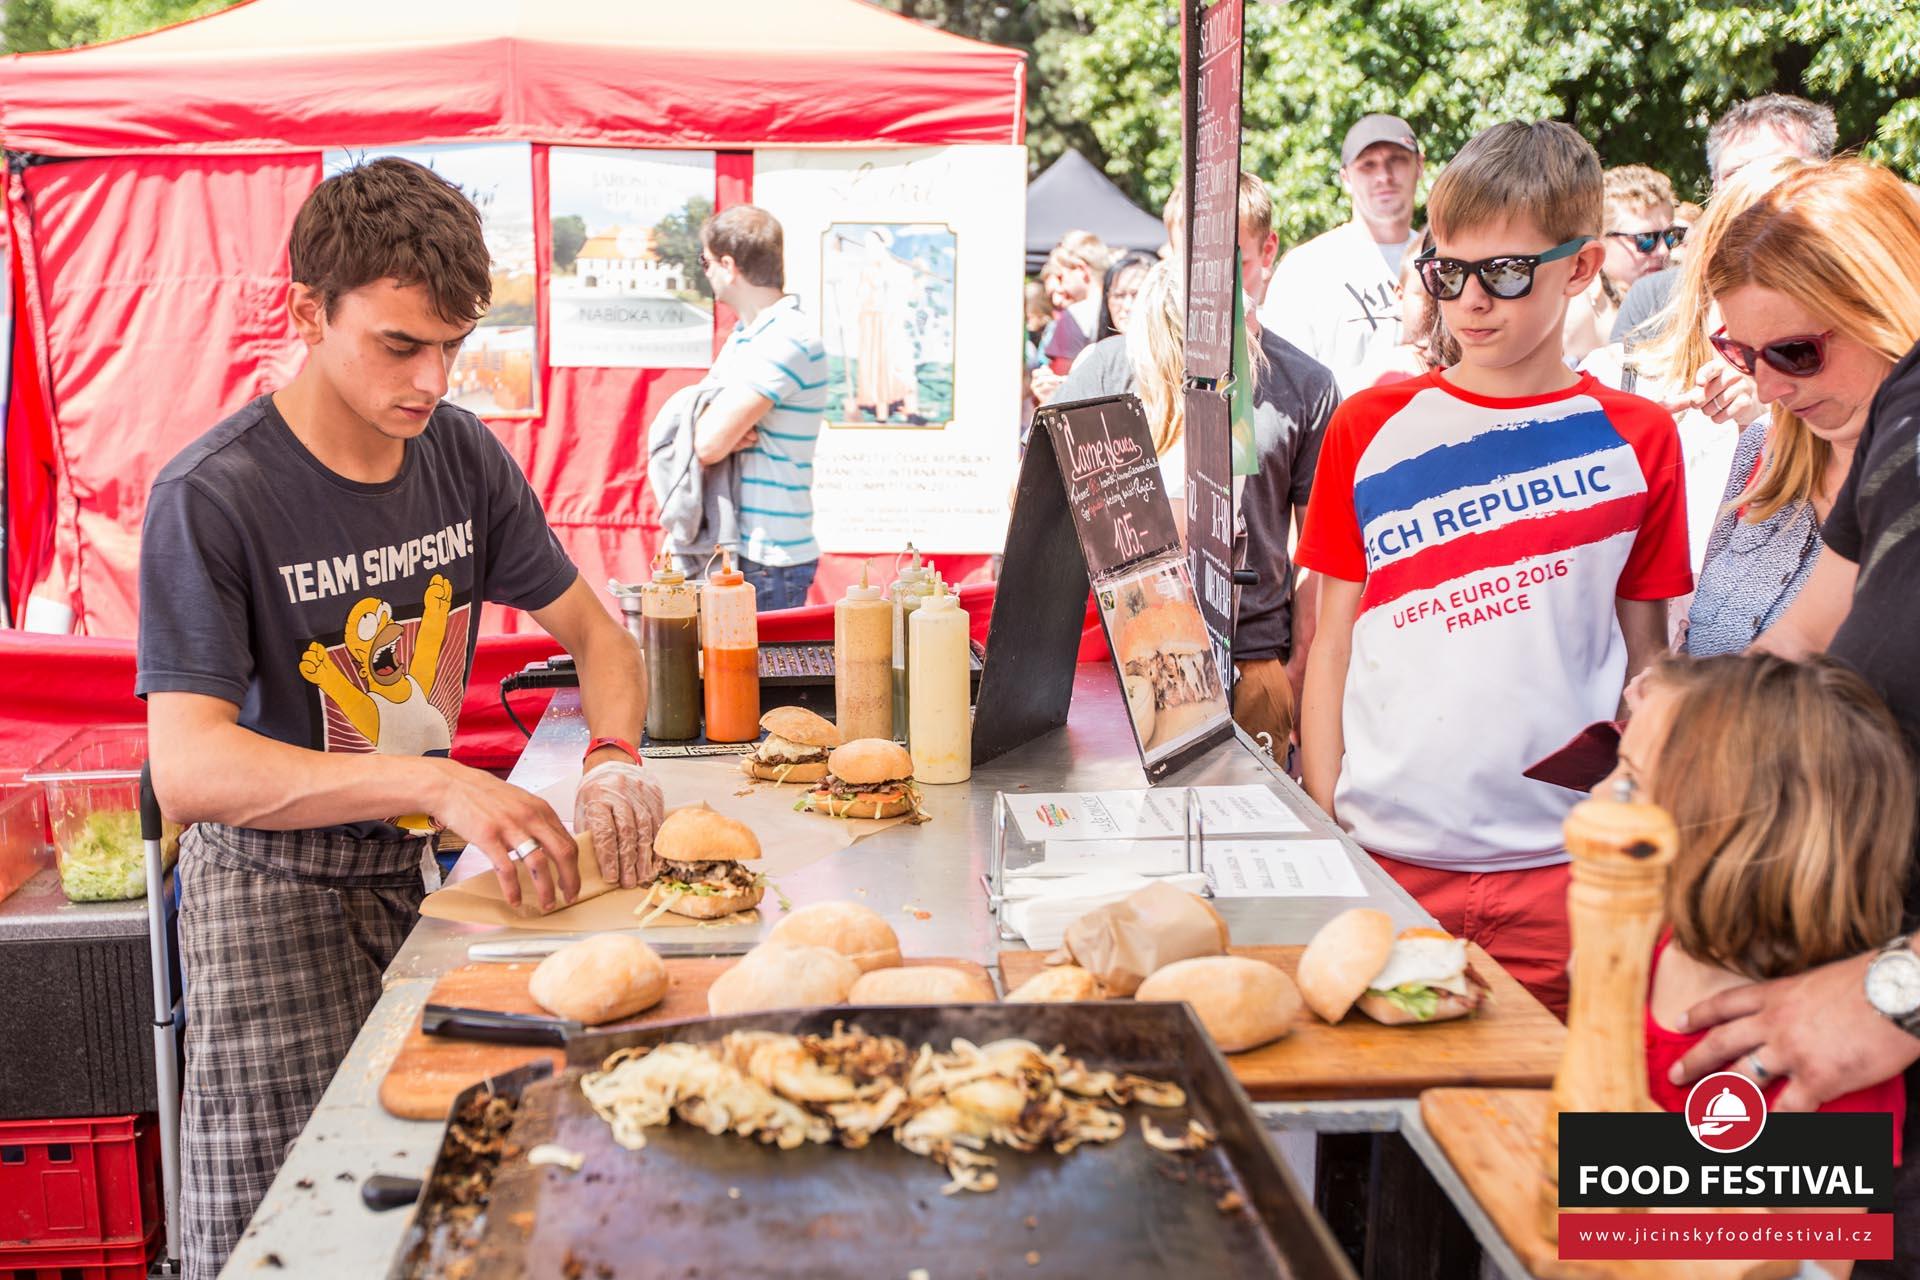 Jičínský Food Festival 2016